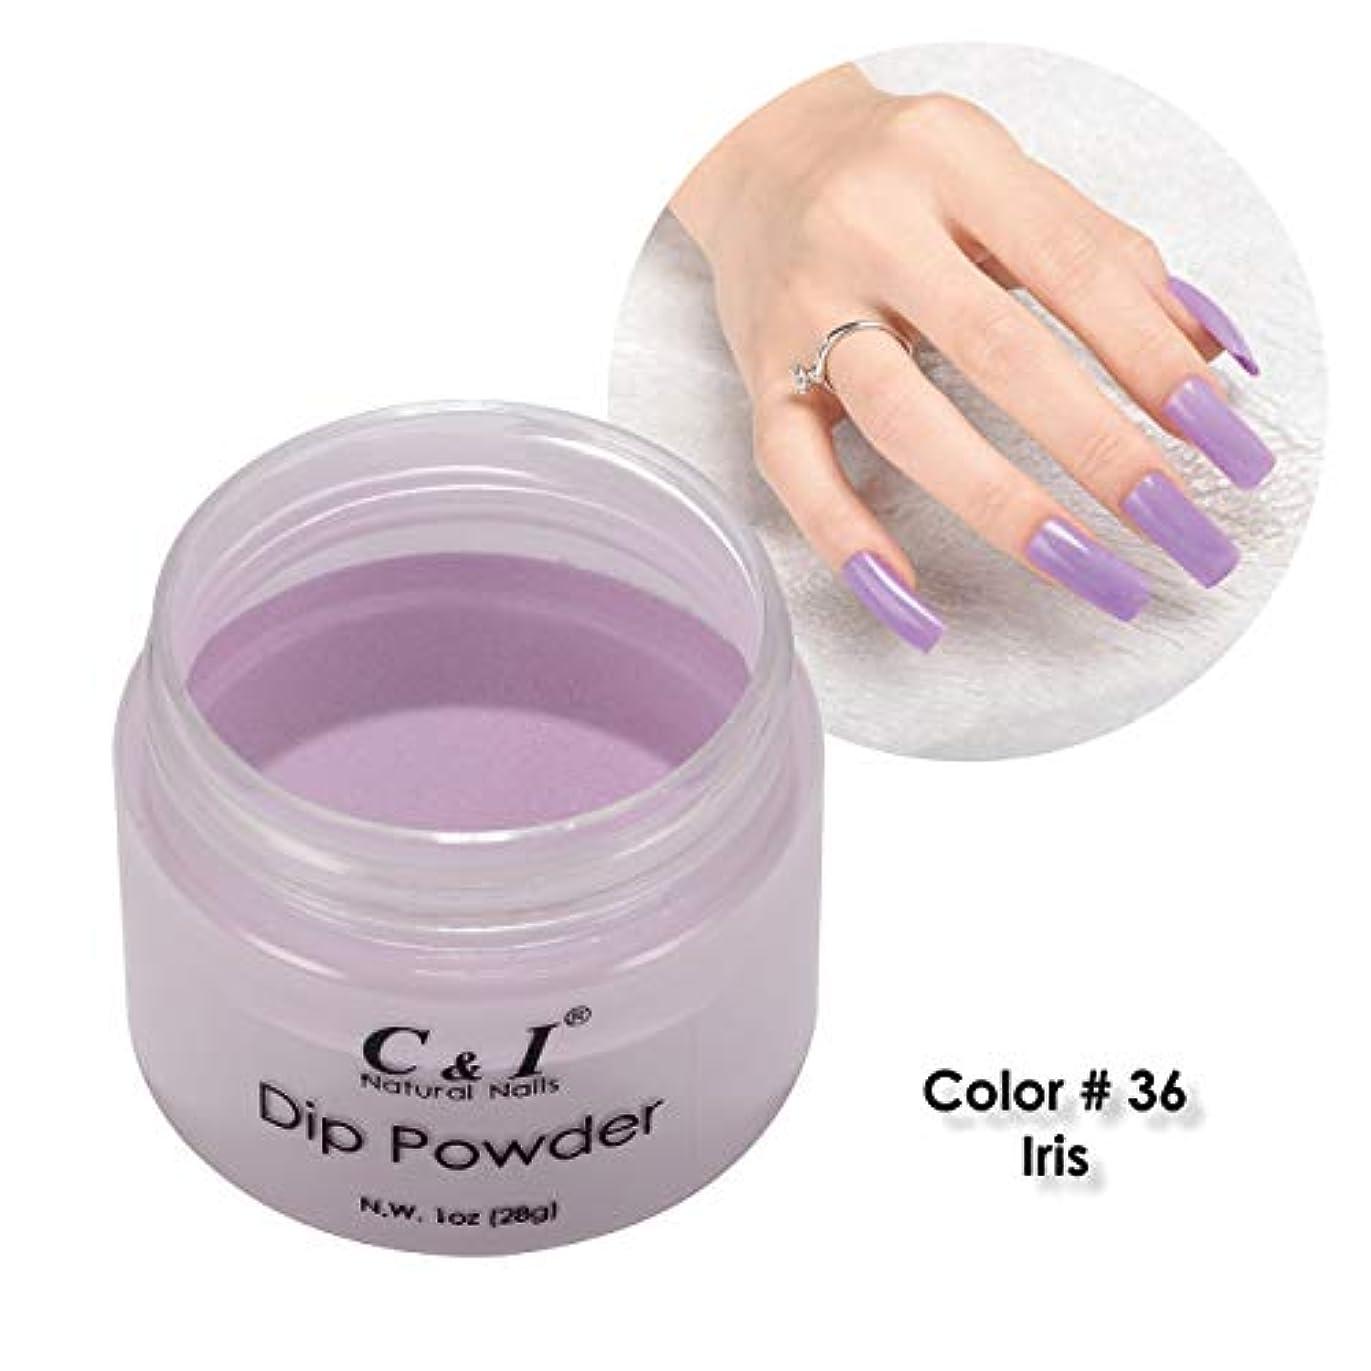 ダメージ馬鹿暖かくC&I Dip Powder ネイルディップパウダー、ネイルカラーパウダー、カラーNo.36